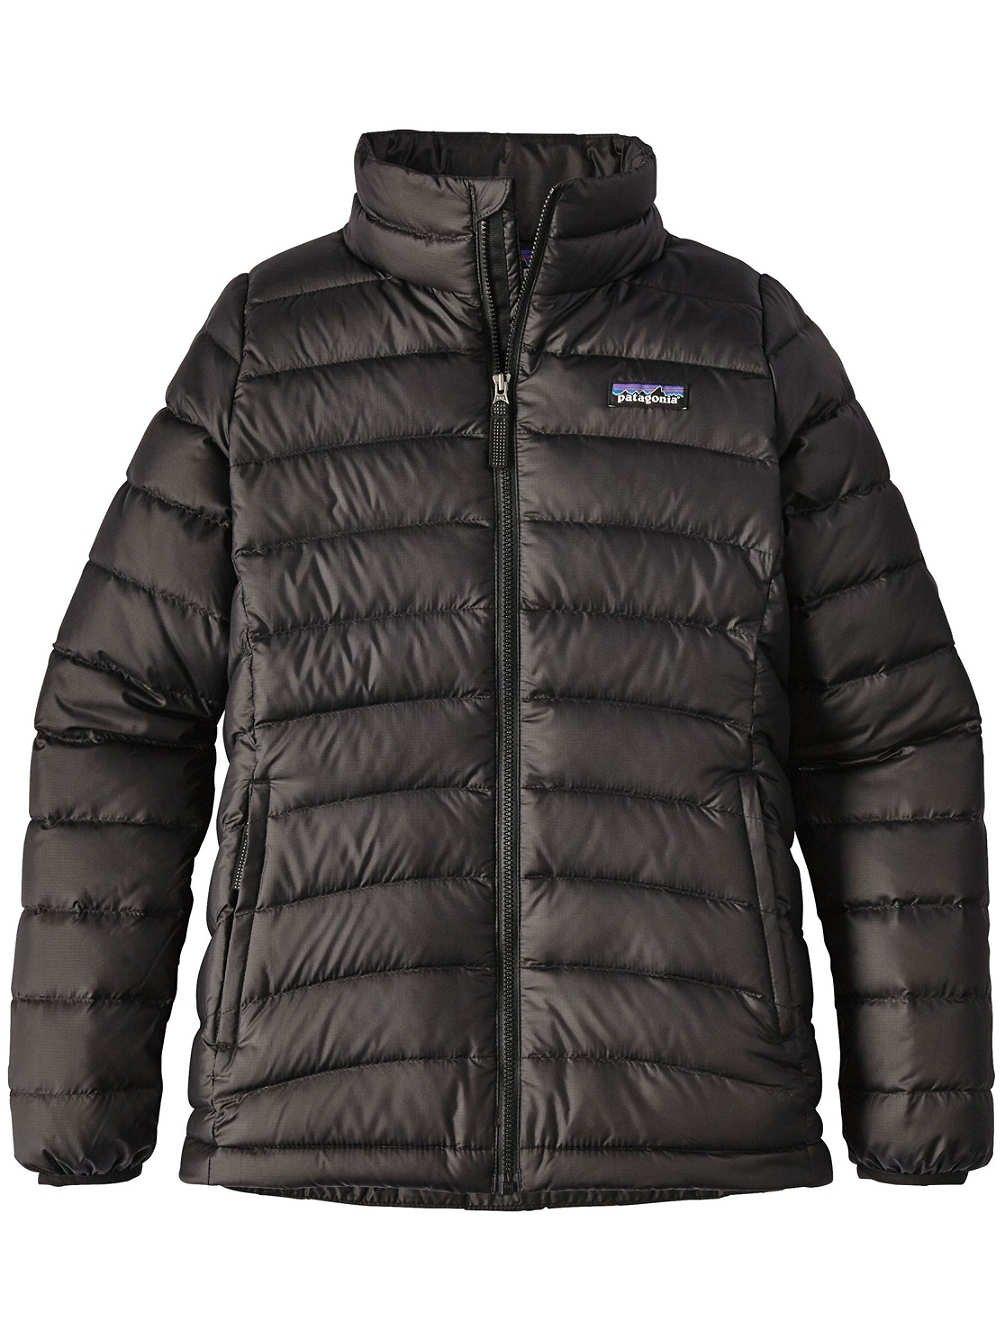 Patagonia G Down Sweater Jacket Black Girls XS by Patagonia